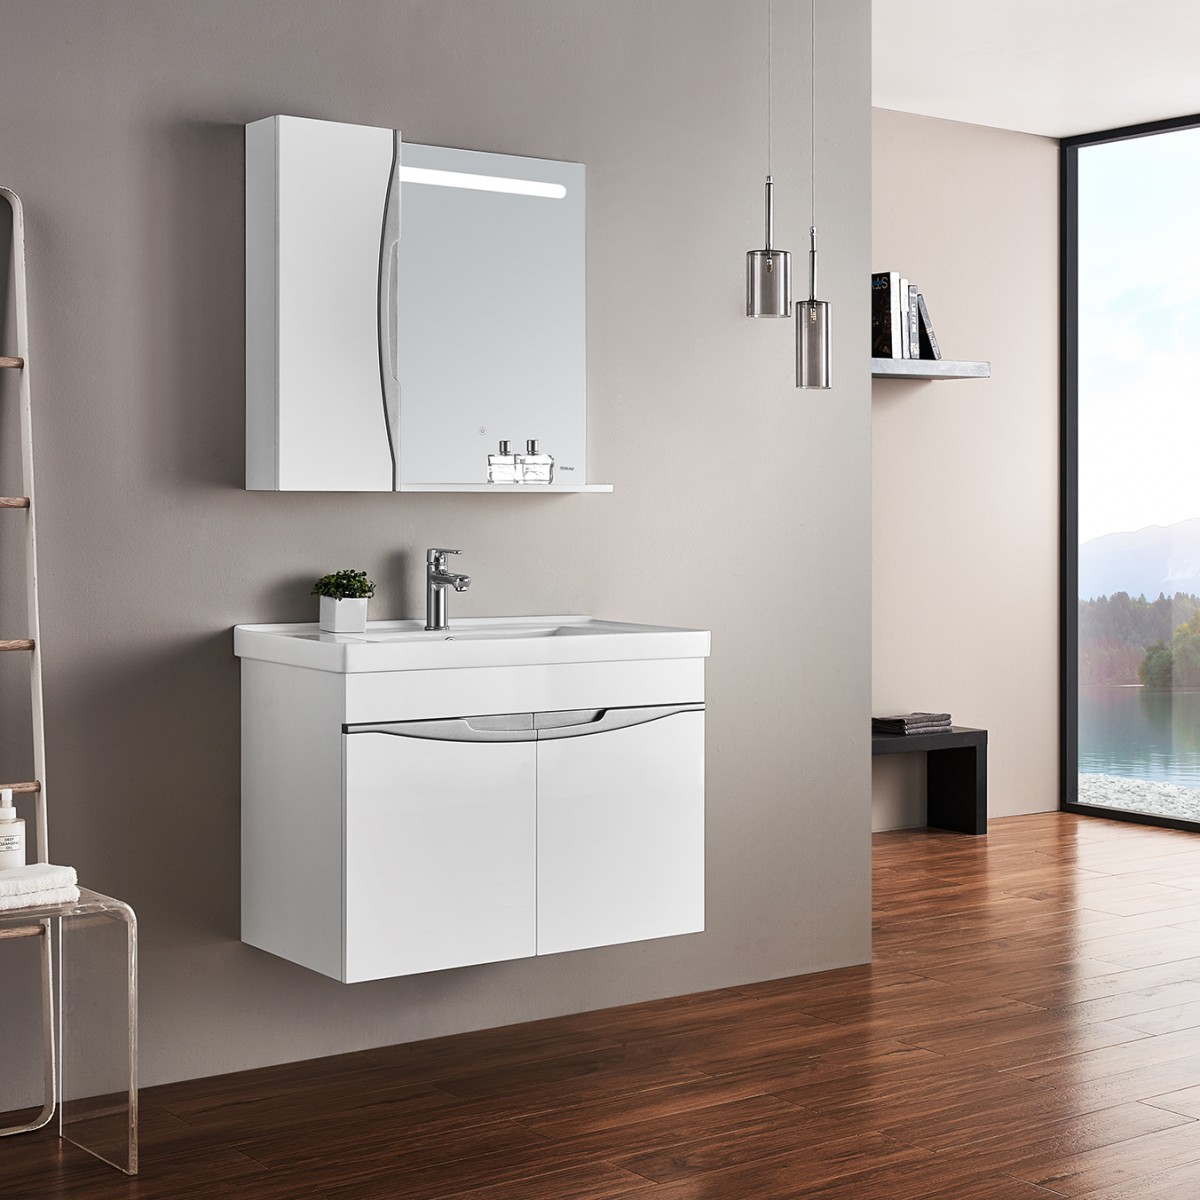 浪鲸卫浴浴室柜组合套装小户型洗脸洗手盆卫浴柜洗漱台简约现代挂墙式 BF1001-080